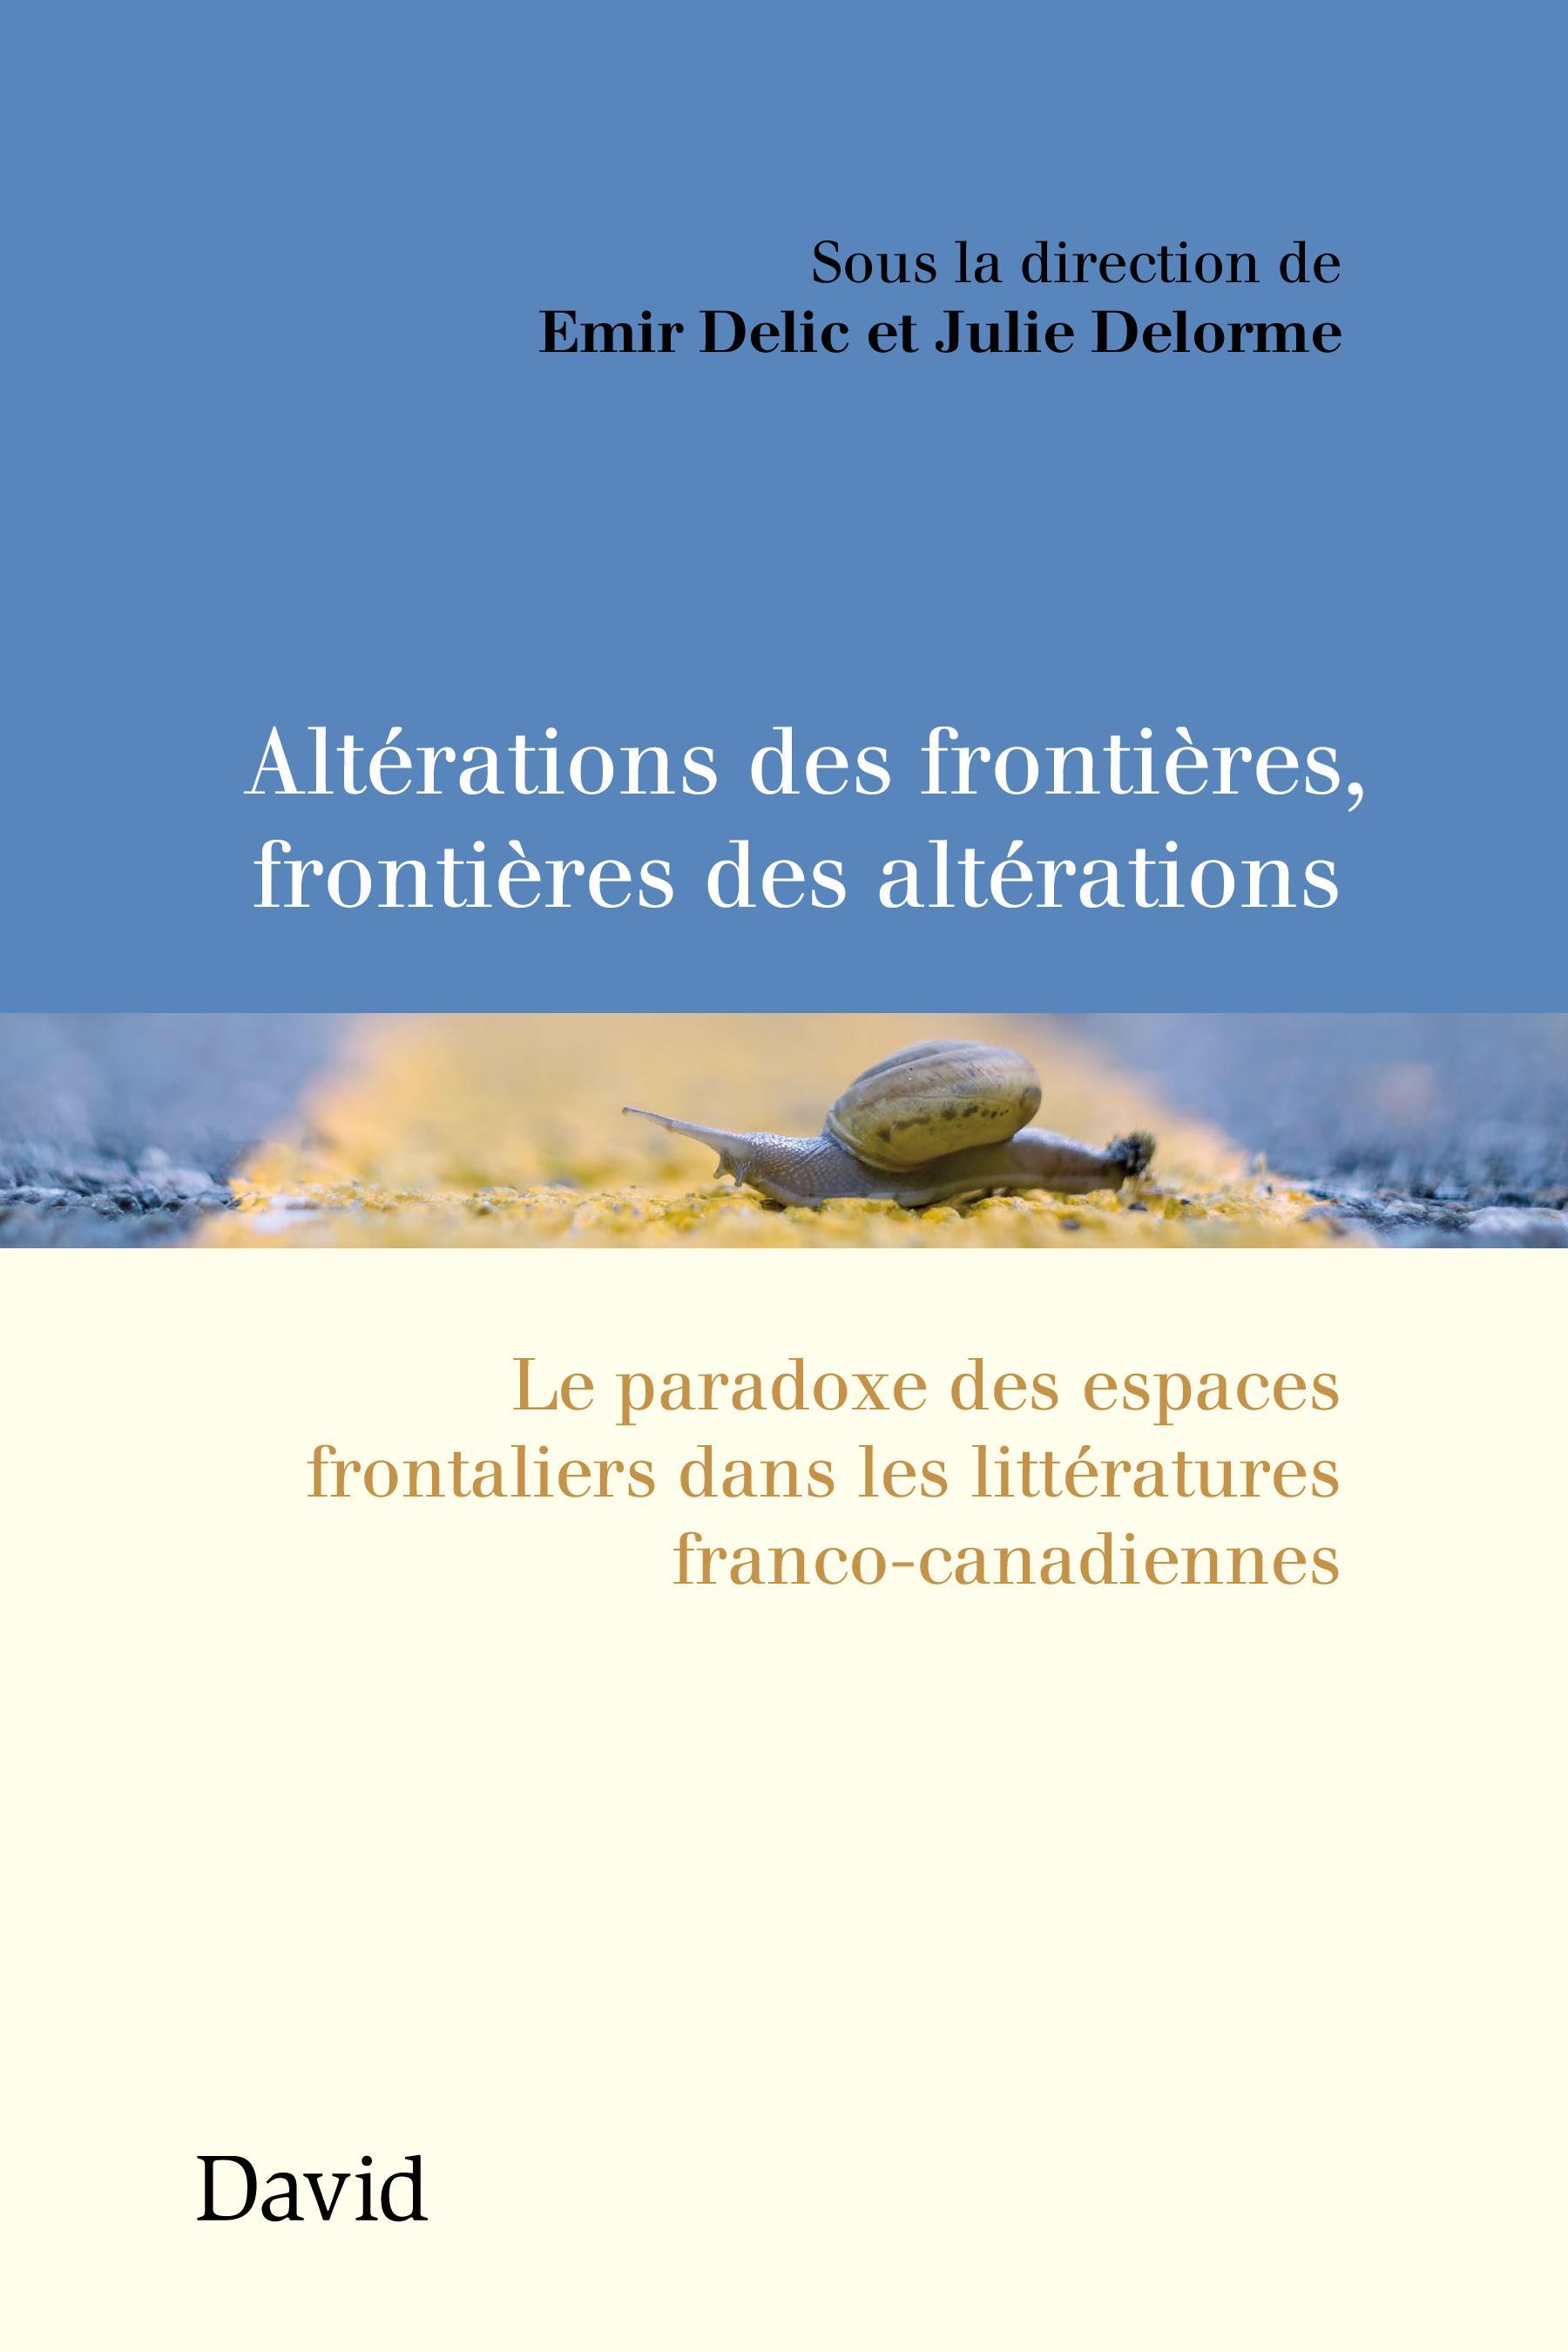 Altérations des frontières, frontières des altérations